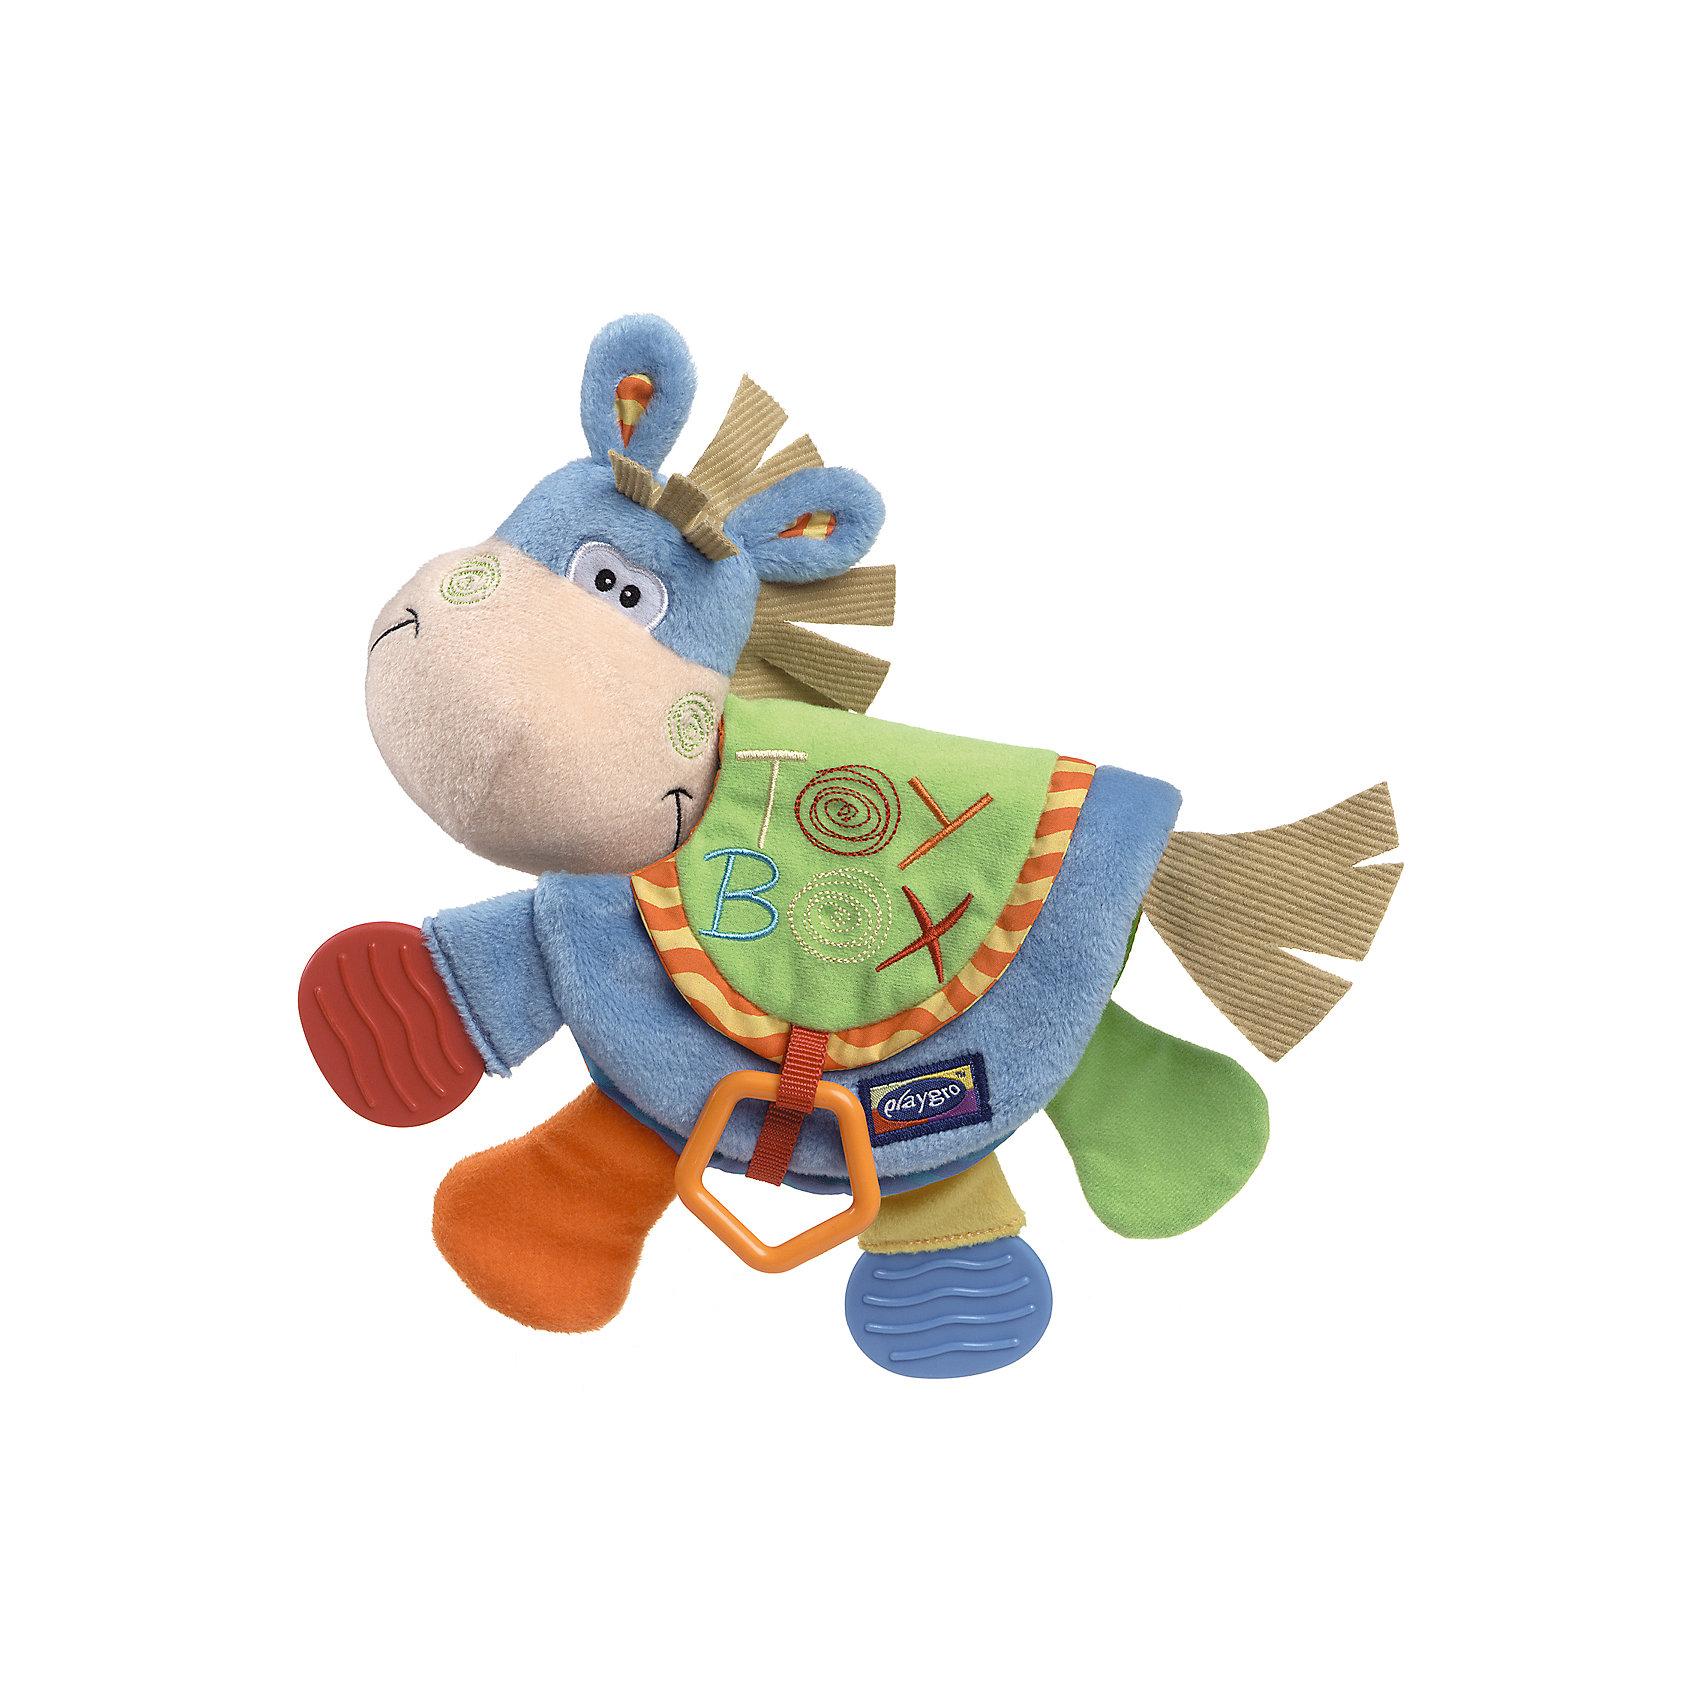 Мягкая игрушка-книжка Toy boxМягкая игрушка-книжка Toy box Playgro (Плейгро) - забавная книжки из высококачественного материала! <br><br>В книжке три разворота с яркими картинками. Странички выполнены из хлопчатобумажной ткани разной фактуры и наполнены шелестящим материалом. К книжке прикреплены три прорезывателя из специального, безопасного пластика. Также встроена пищалка.<br><br>Книгу можно читать и жевать. Идеально подходит для малышей с резущимися зубками. <br><br>Мягкую игрушку-книжку Toy box Playgro можно купить в нашем интернет-магазине.<br><br>Дополнительная информация:<br>- Материал верхний: 78% полиэстер, 22% хлопок.<br>- Наполнитель: 100% полиэстер.<br>- Возможна только ручная стирка.<br>- Размер упаковки: 27 х 23 х 6,5 см.<br><br>Ширина мм: 270<br>Глубина мм: 230<br>Высота мм: 65<br>Вес г: 90<br>Возраст от месяцев: 6<br>Возраст до месяцев: 12<br>Пол: Унисекс<br>Возраст: Детский<br>SKU: 1715126